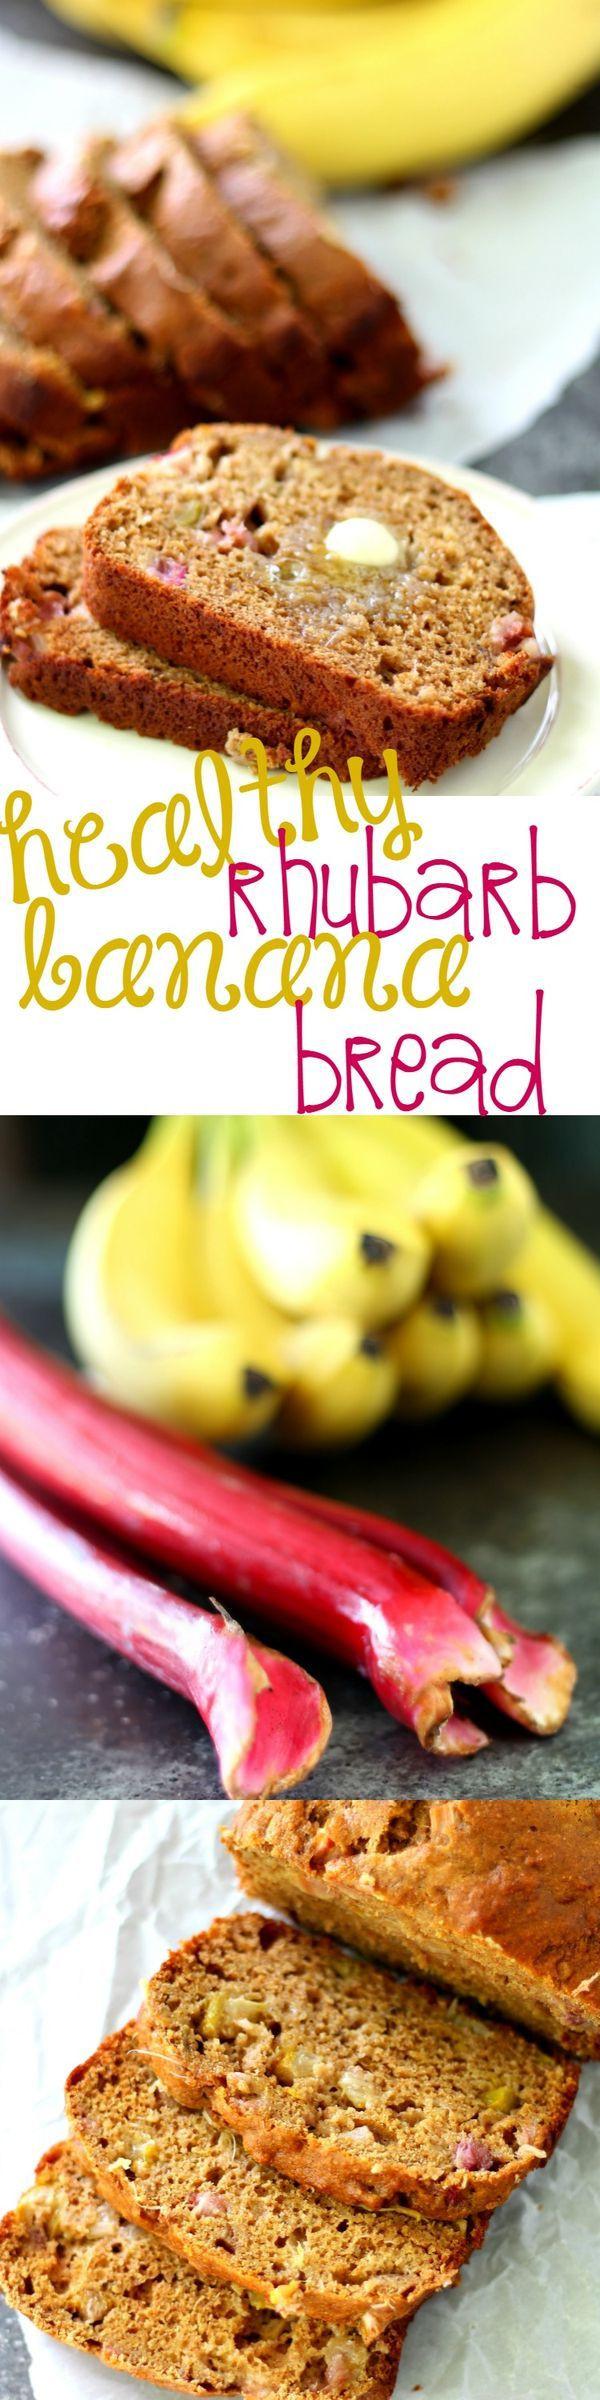 Healthy Rhubarb Desserts  Healthy Rhubarb Banana Bread Recipe